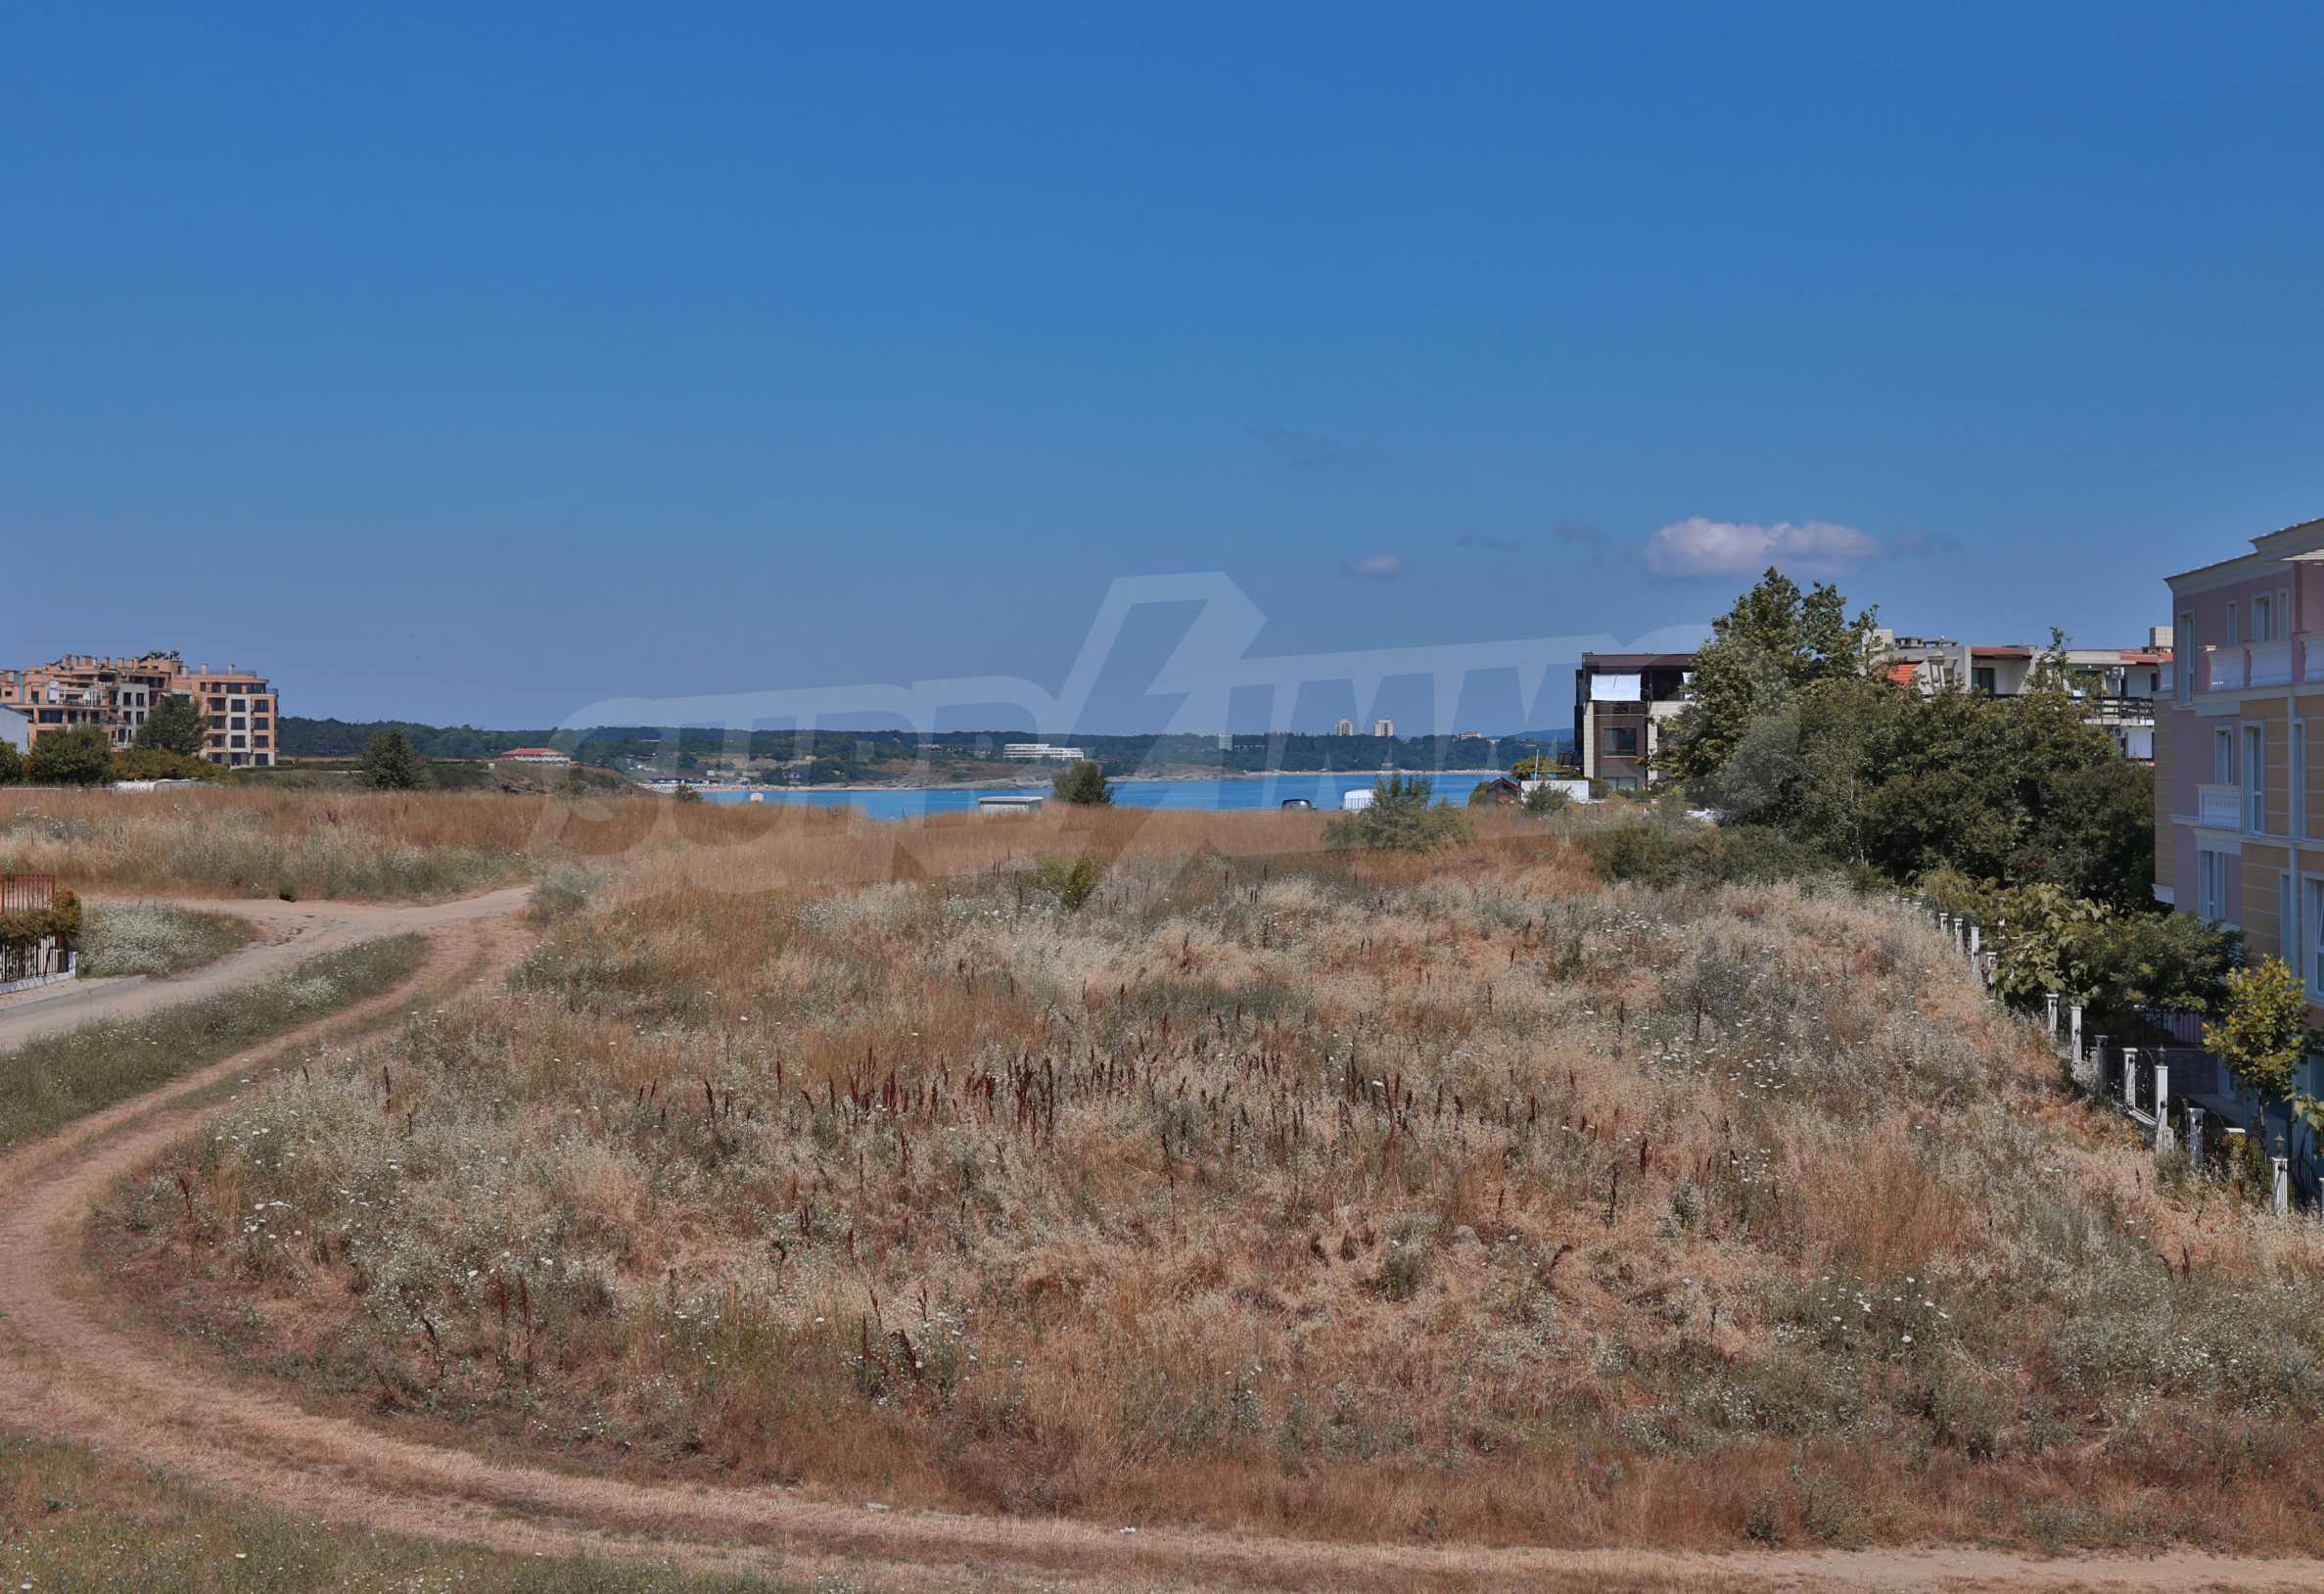 Двустаен апартамент в бутиковата резиденция до Централен плаж - Belle Époque (ап. №A 305) 21